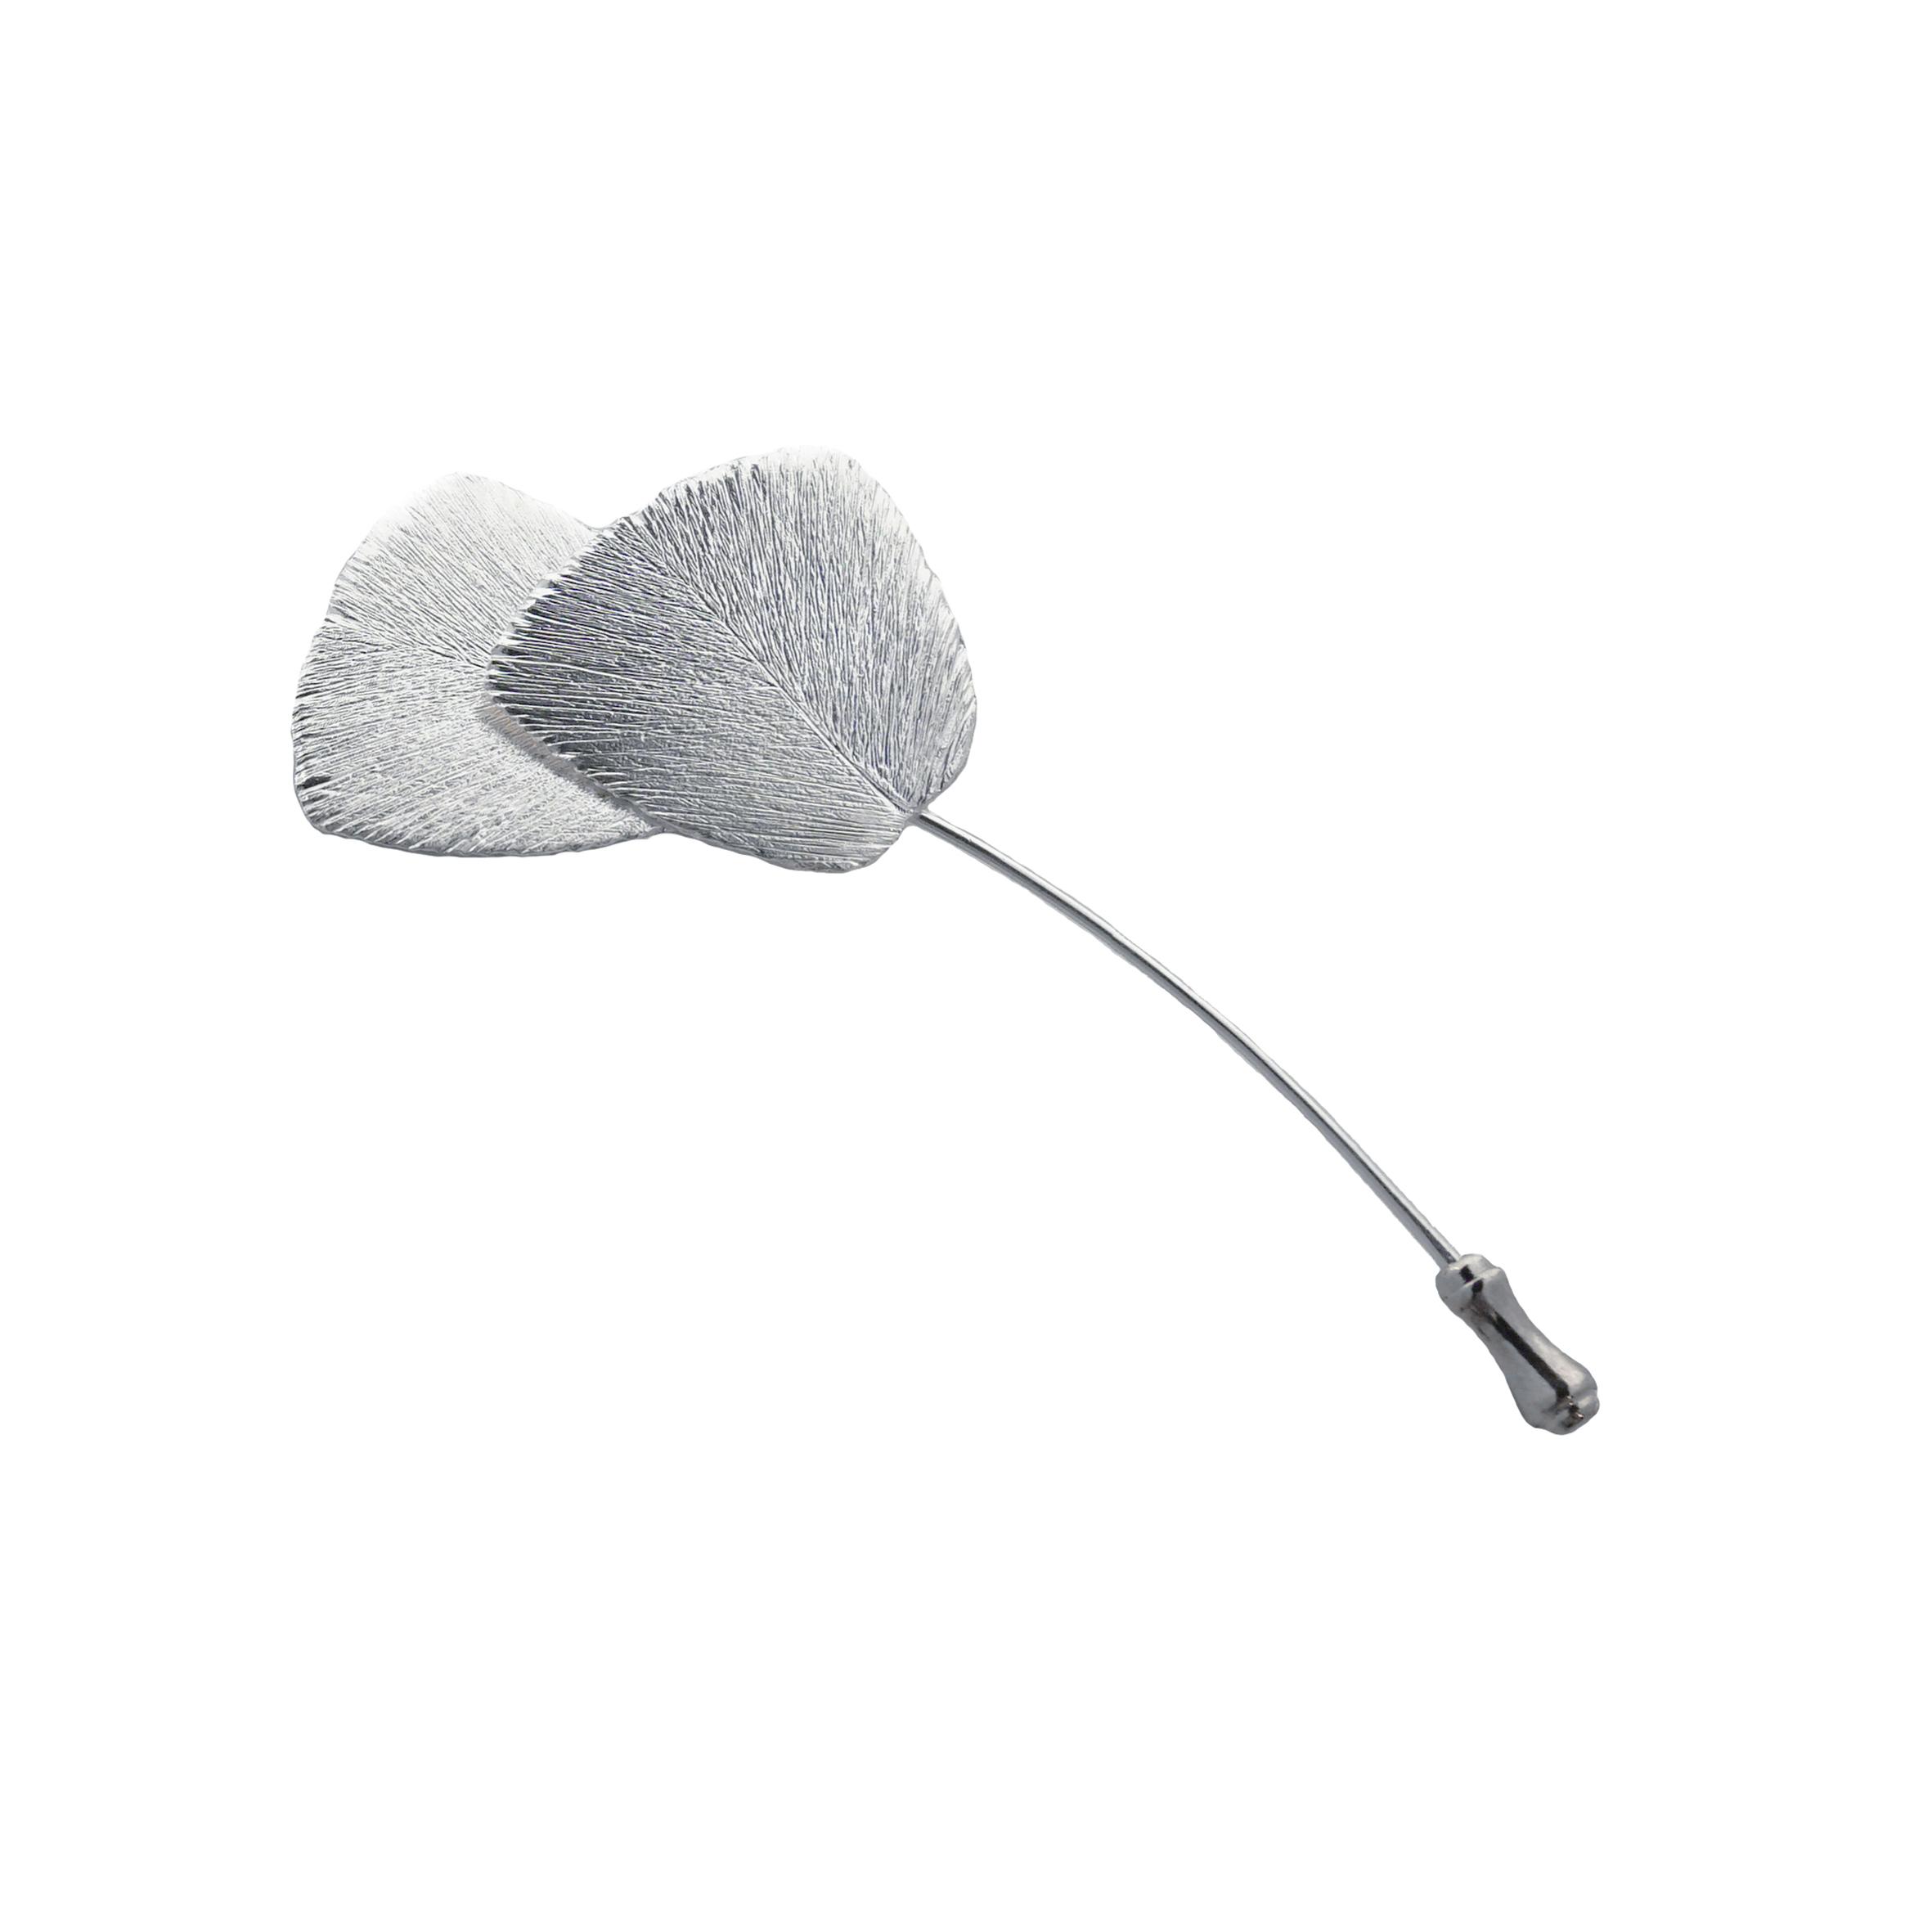 Serenity neula | Serenity brooch